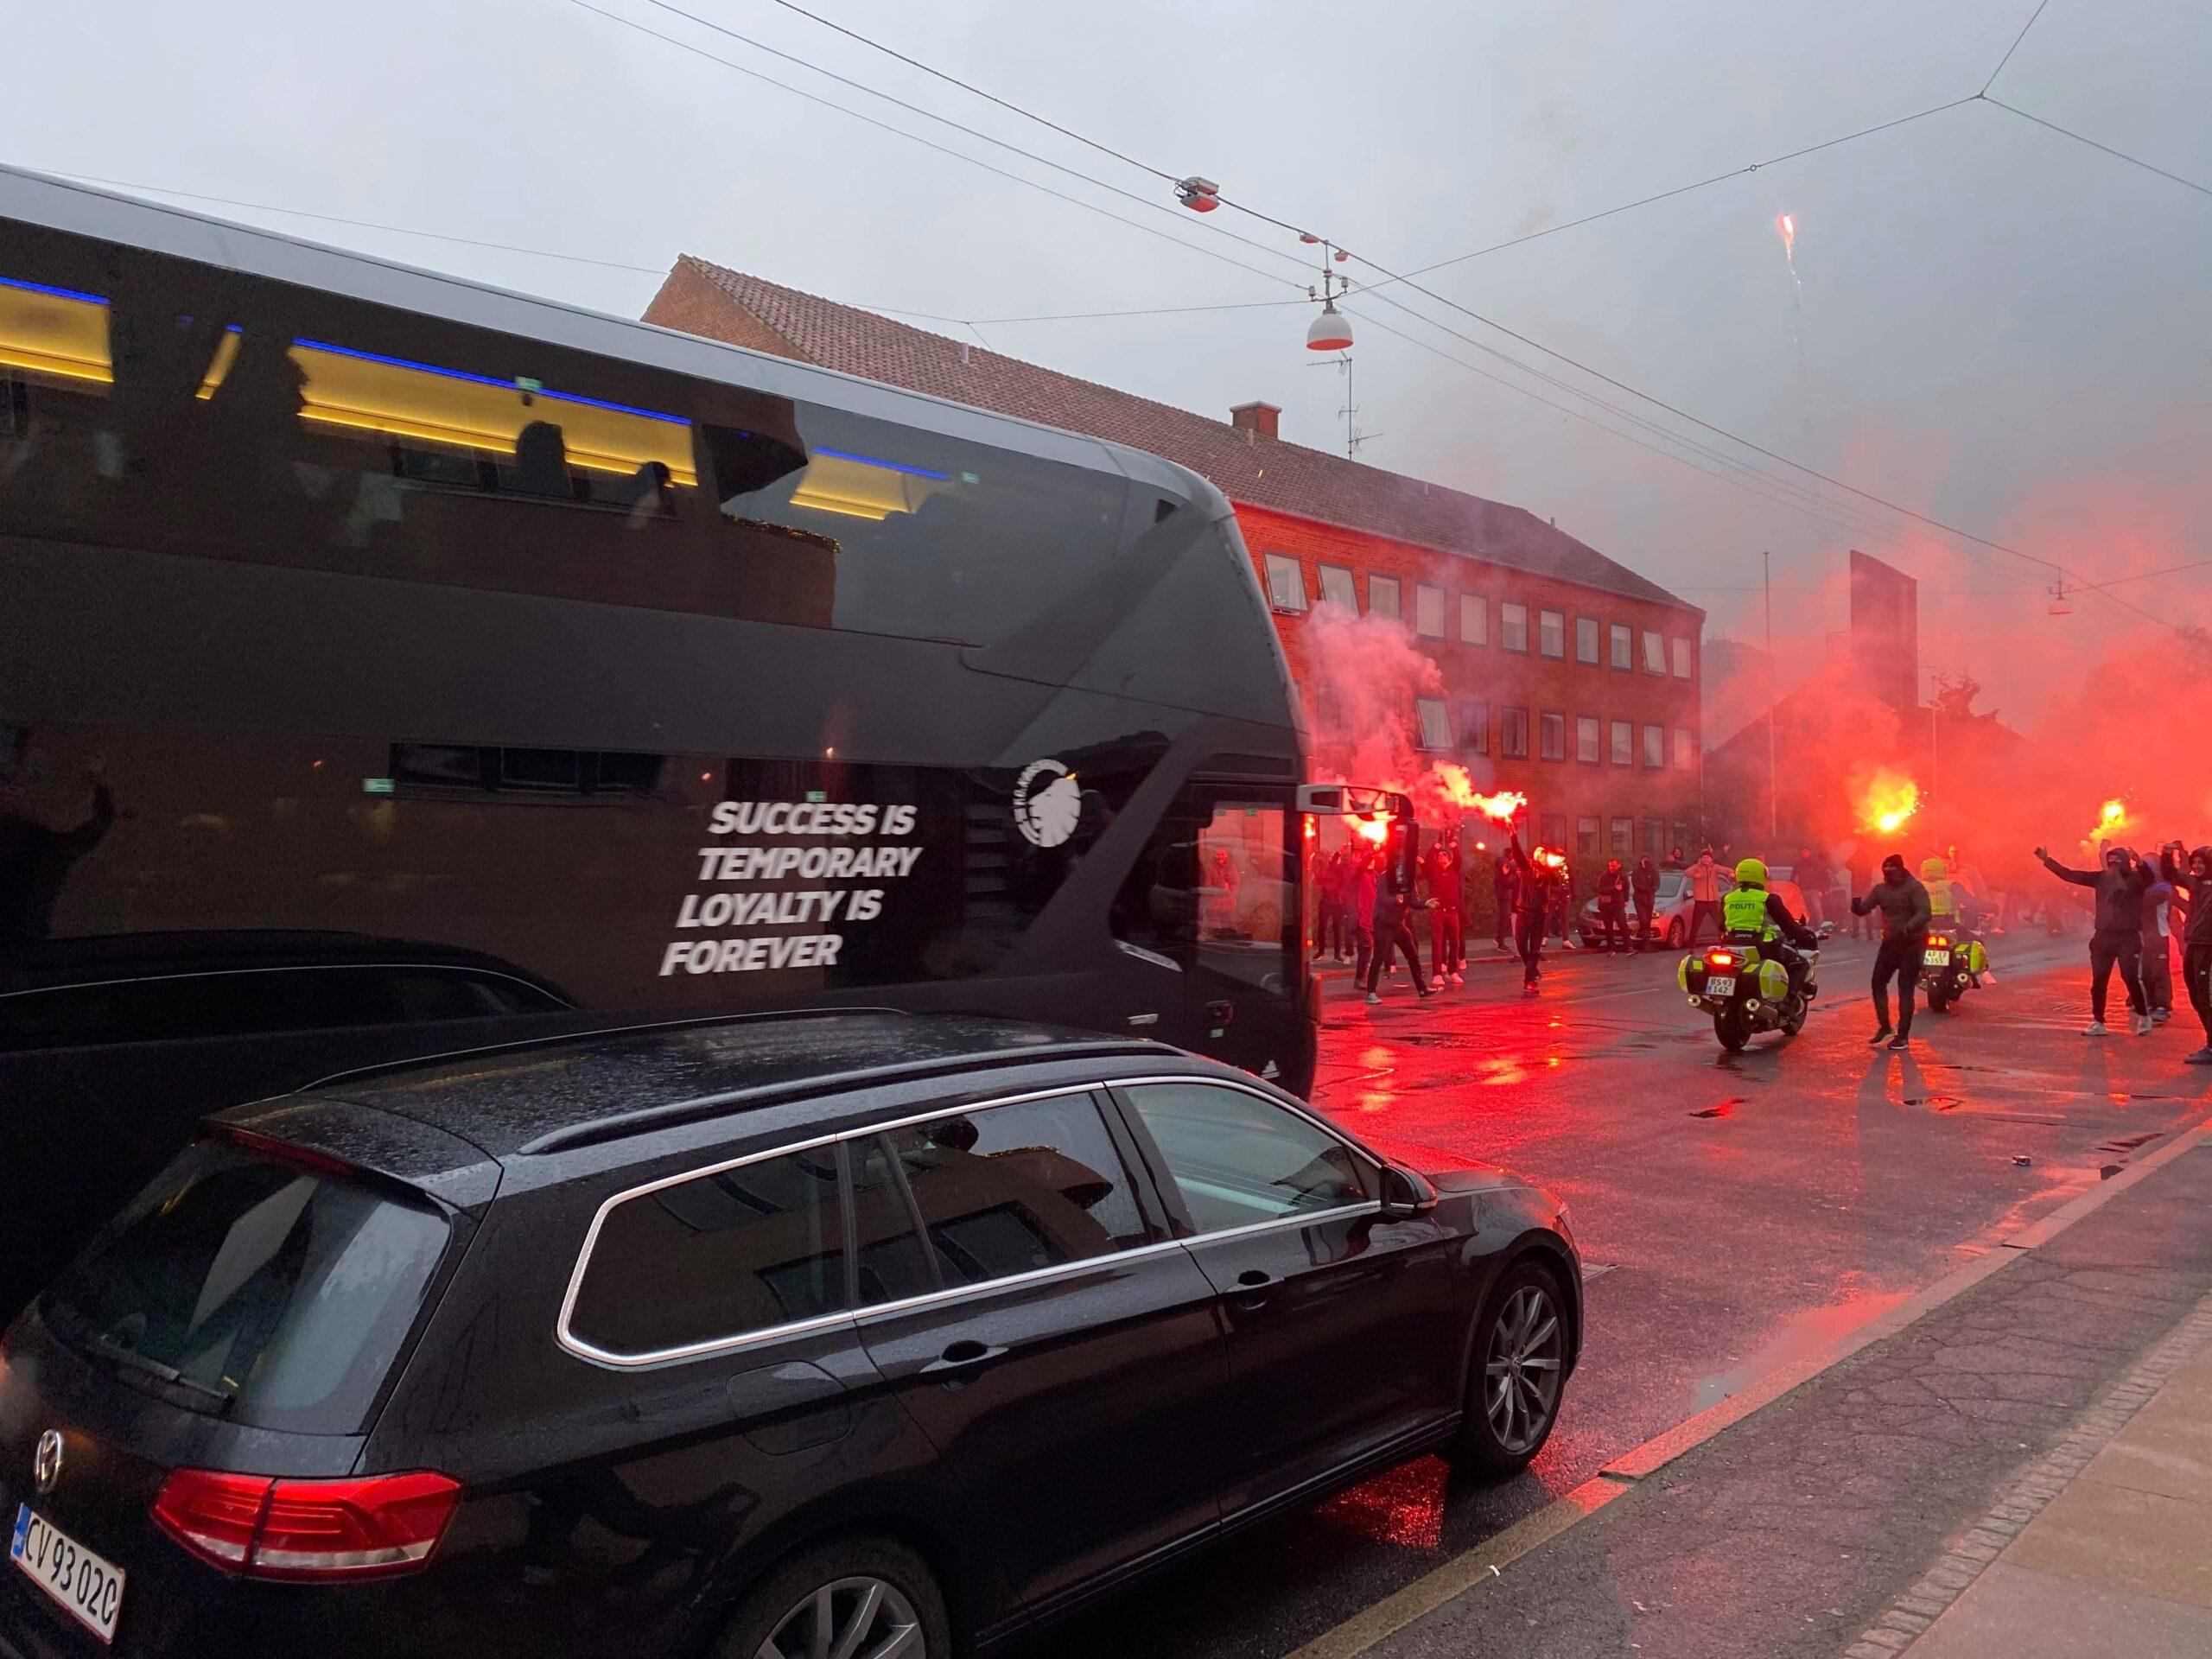 Fest og højt humør i FCK efter sejr i Brøndby